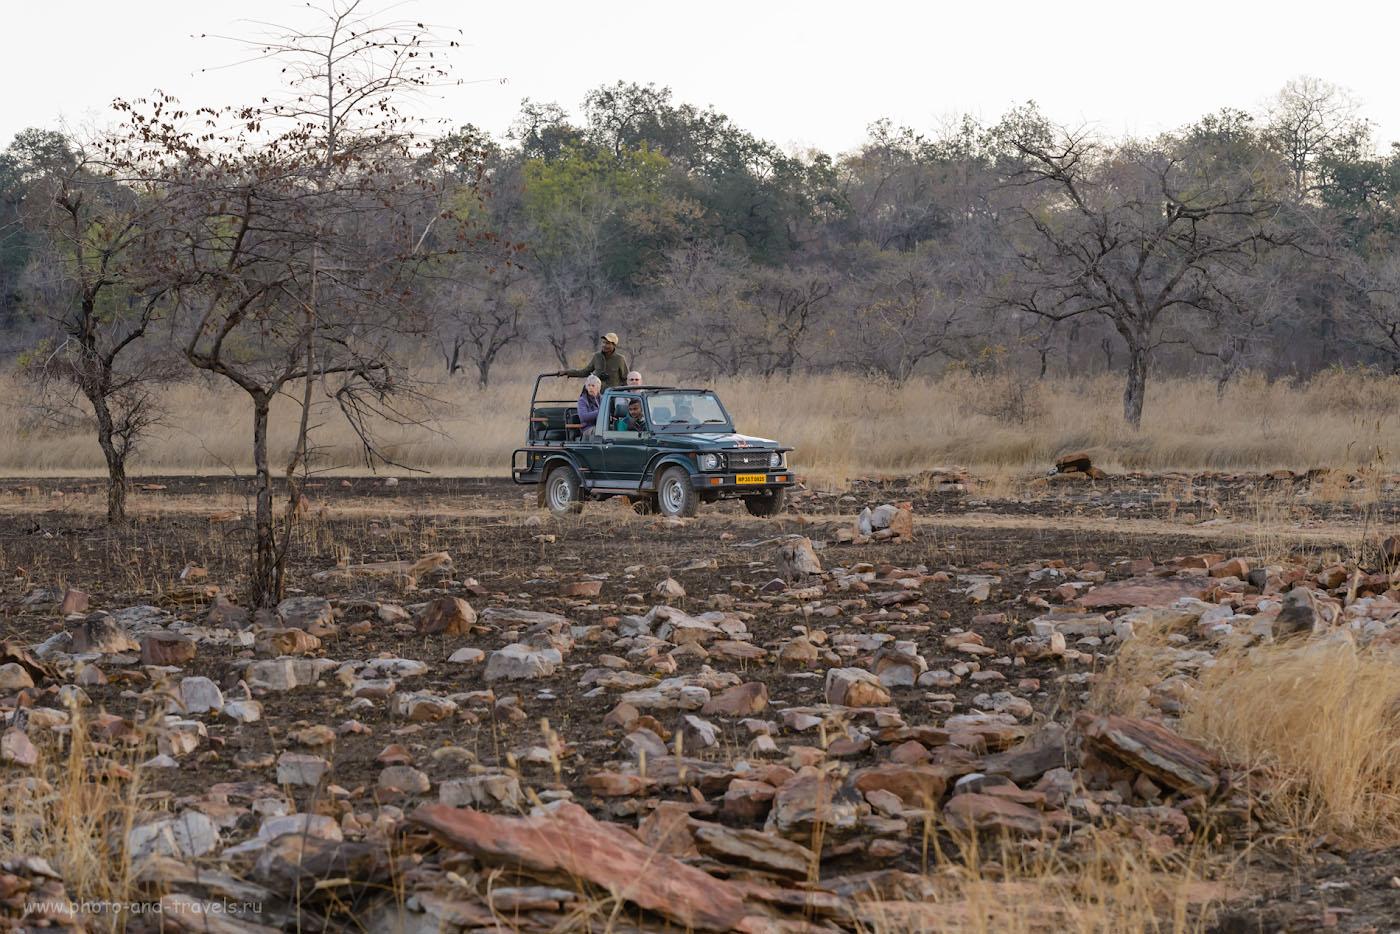 Фотография 2. Джип-сафари в национальном парке «Панна», что рядом с деревней Кхаджурахо. 1/200, 9.0, 2500, 100.